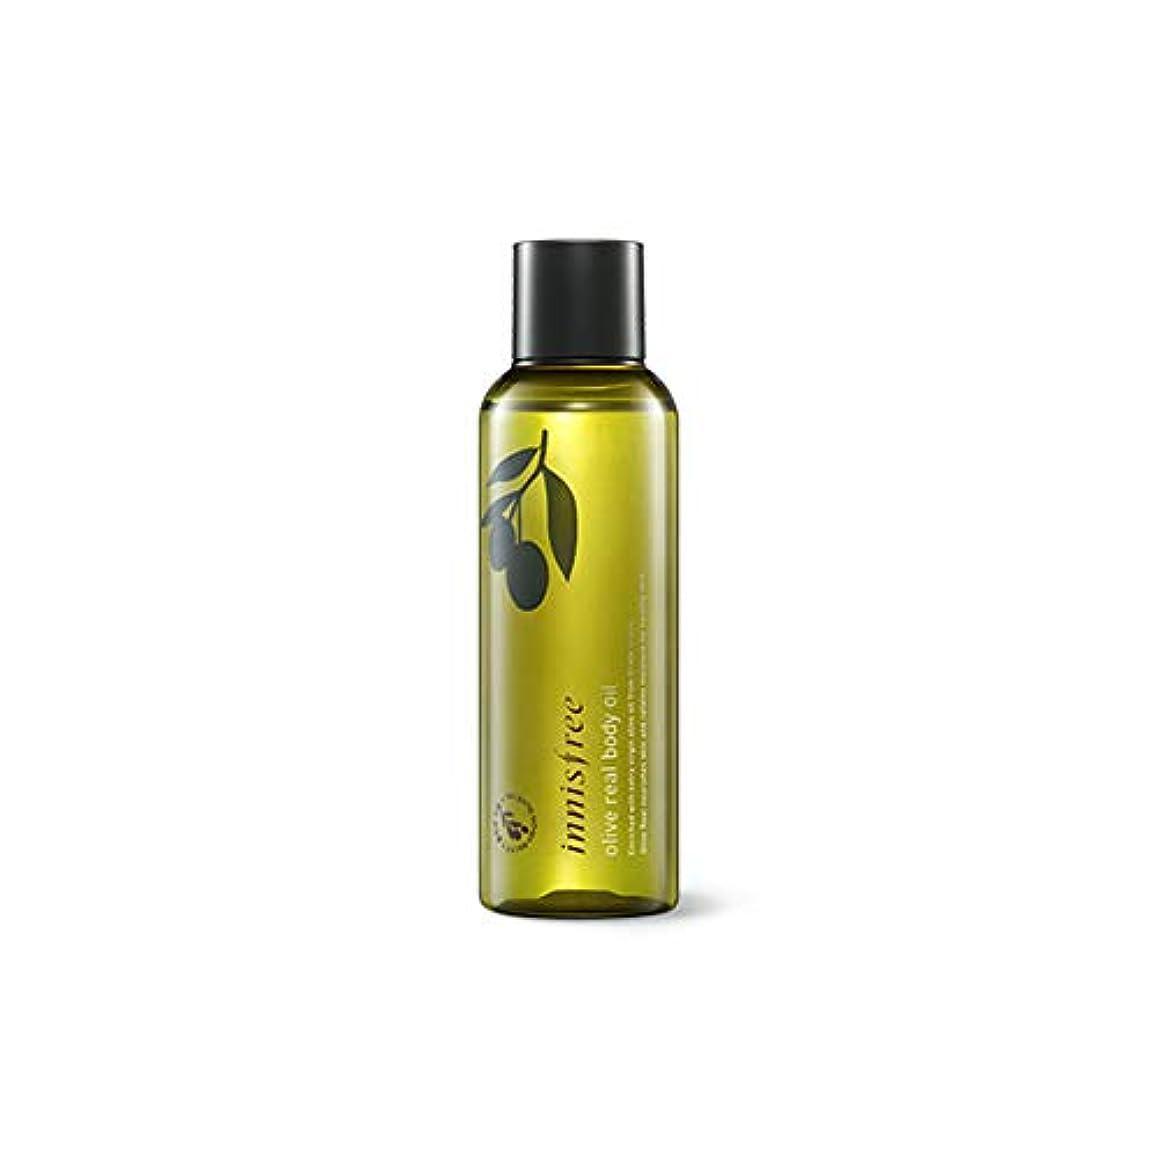 ネイティブ男性あたたかいイニスフリー Innisfree オリーブリアルボディーオイル(150ml) Innisfree Olive Real Body Oil(150ml) [海外直送品]